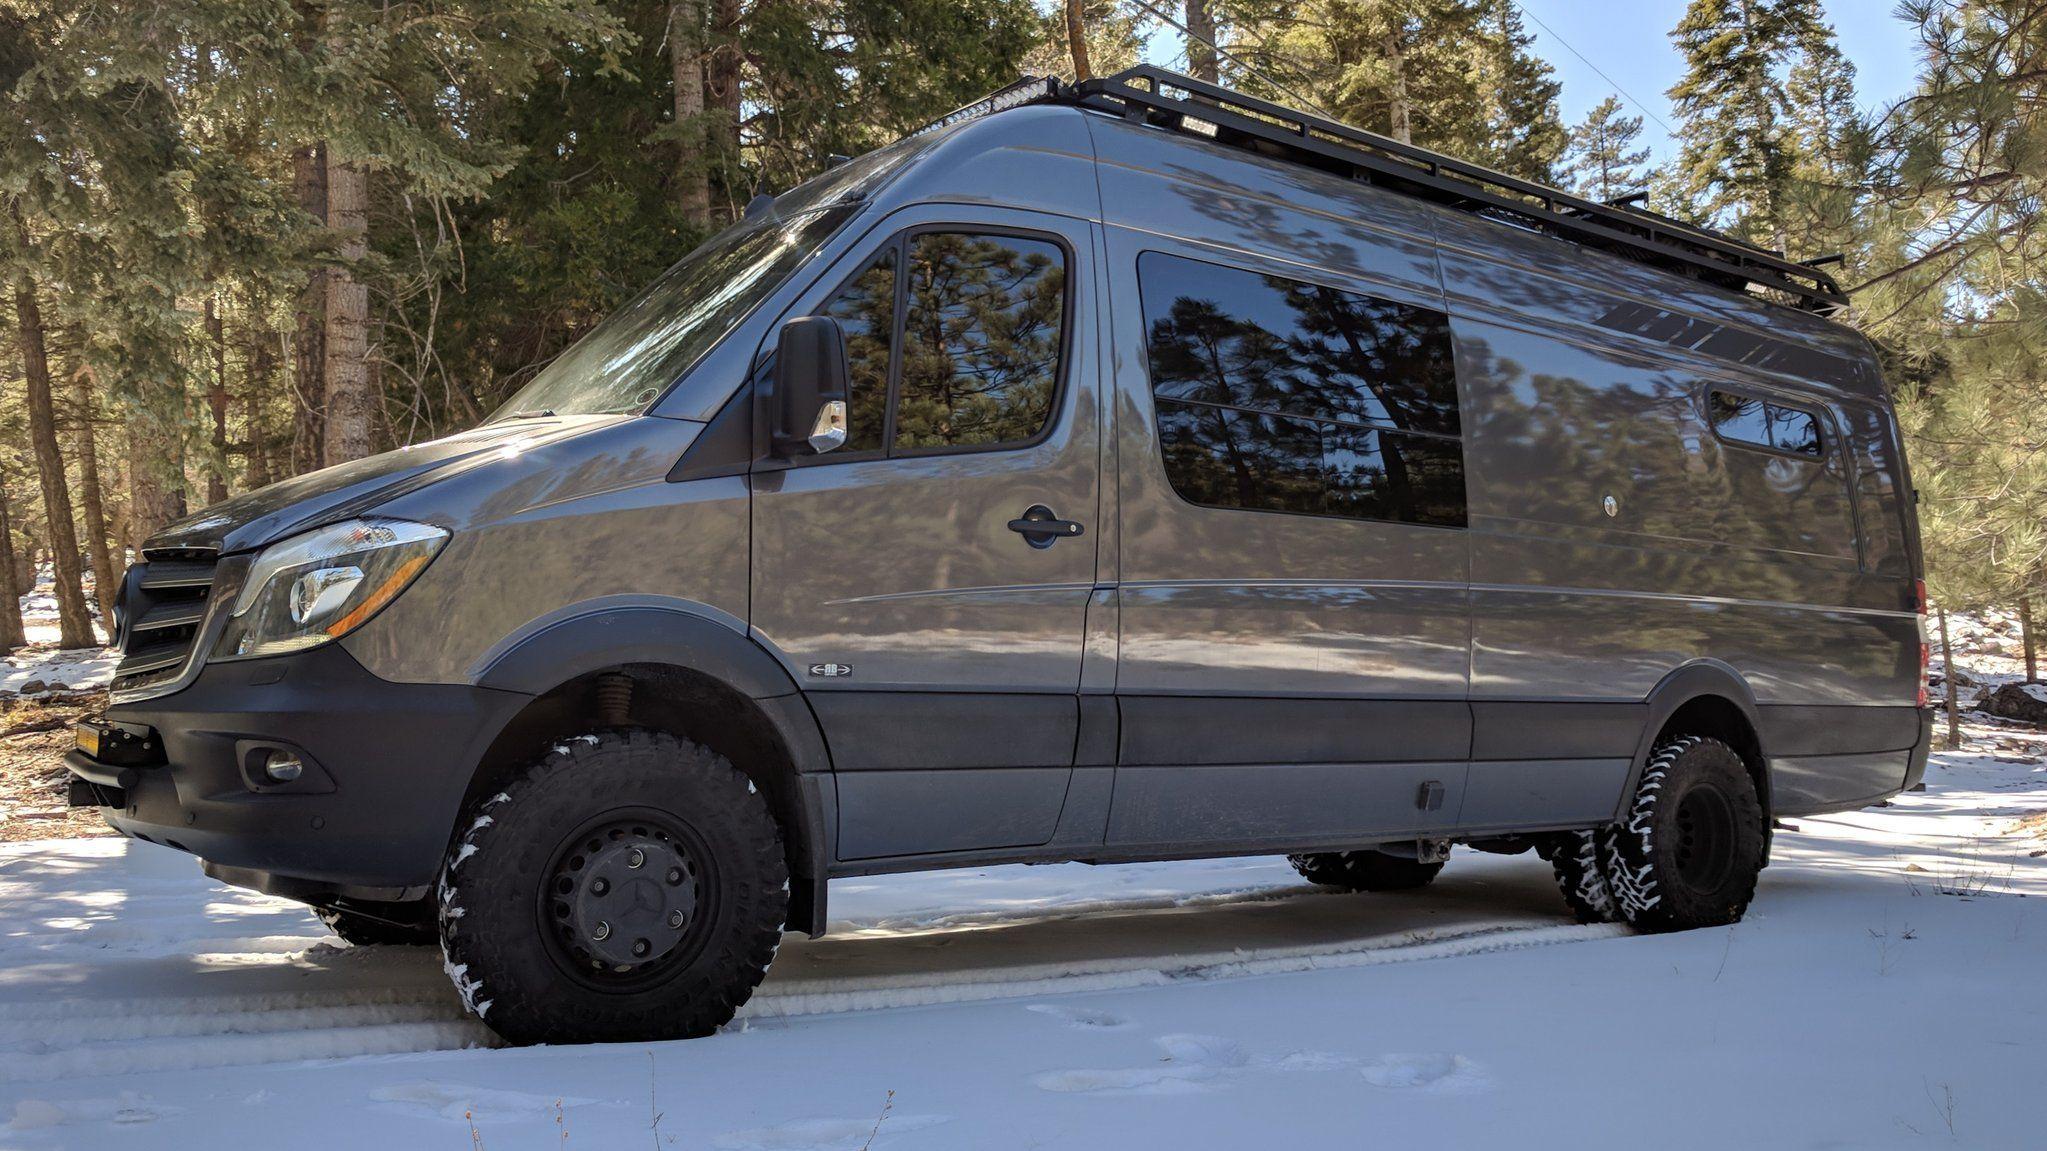 4X4 Sprinter Van For Sale >> Rb Gear Hauler 07 170ex 3500 4x4 Sold Sprinter Van